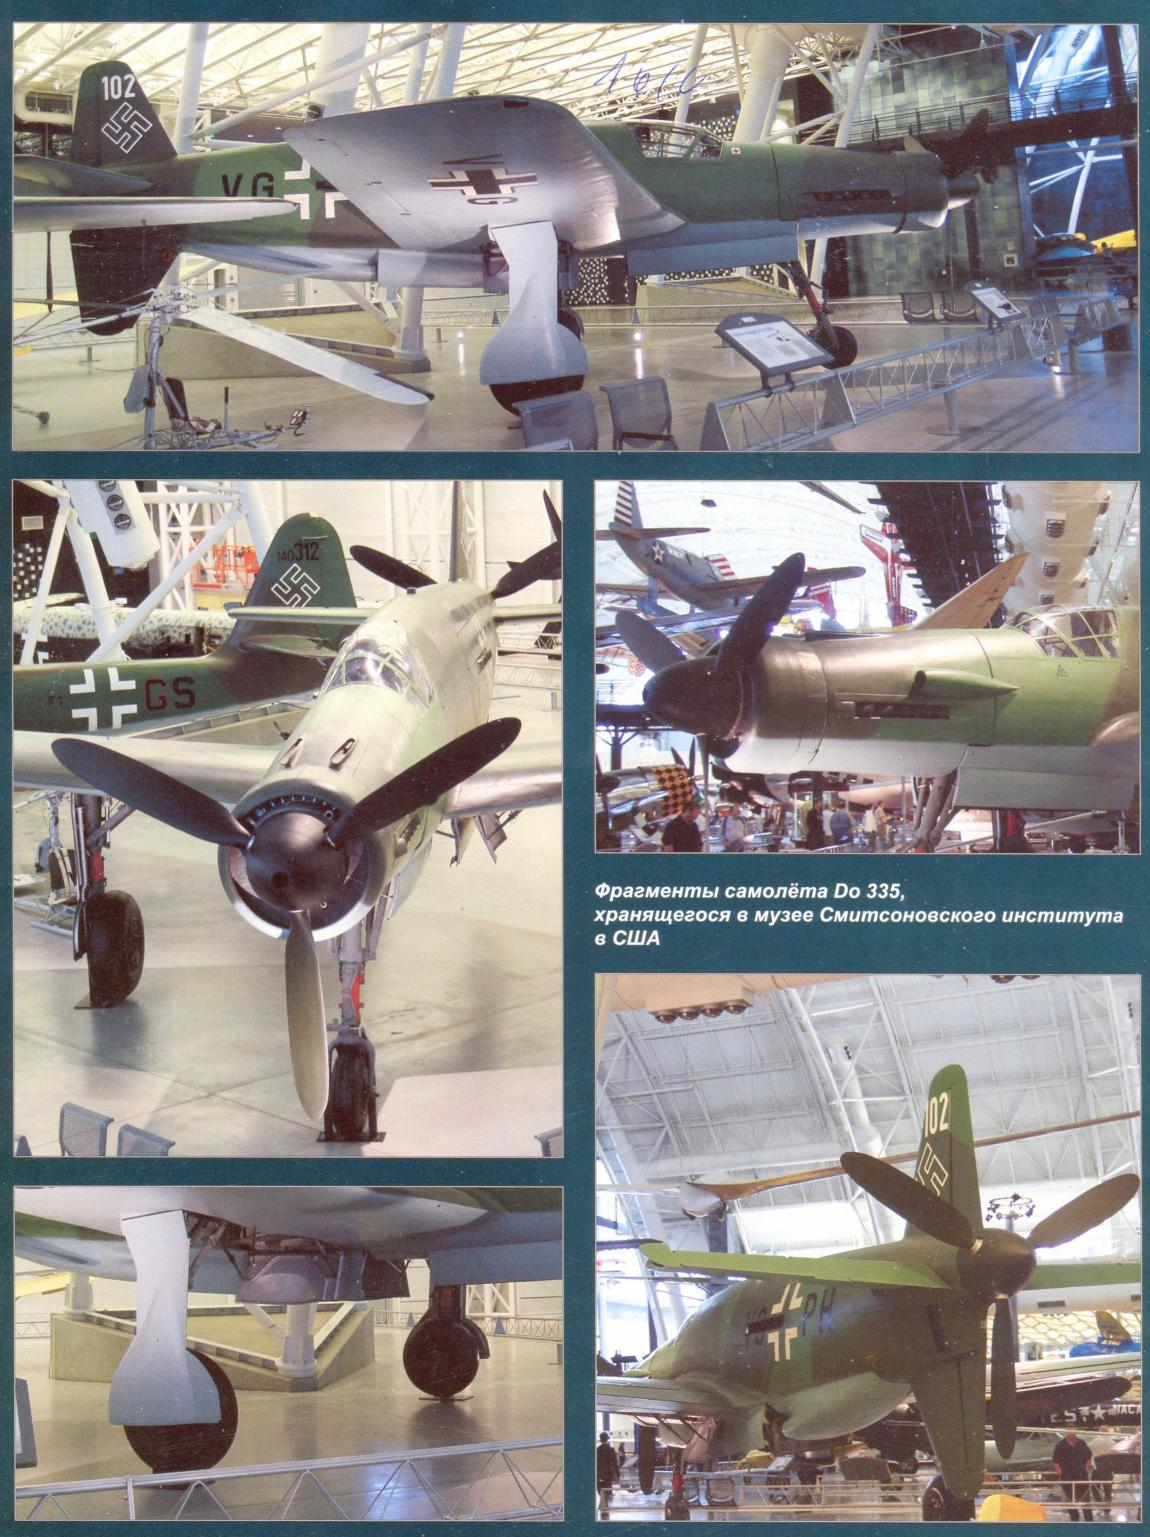 Фрагменты самолёта Do 335, хранящегося в музее Смитсоновского института в США